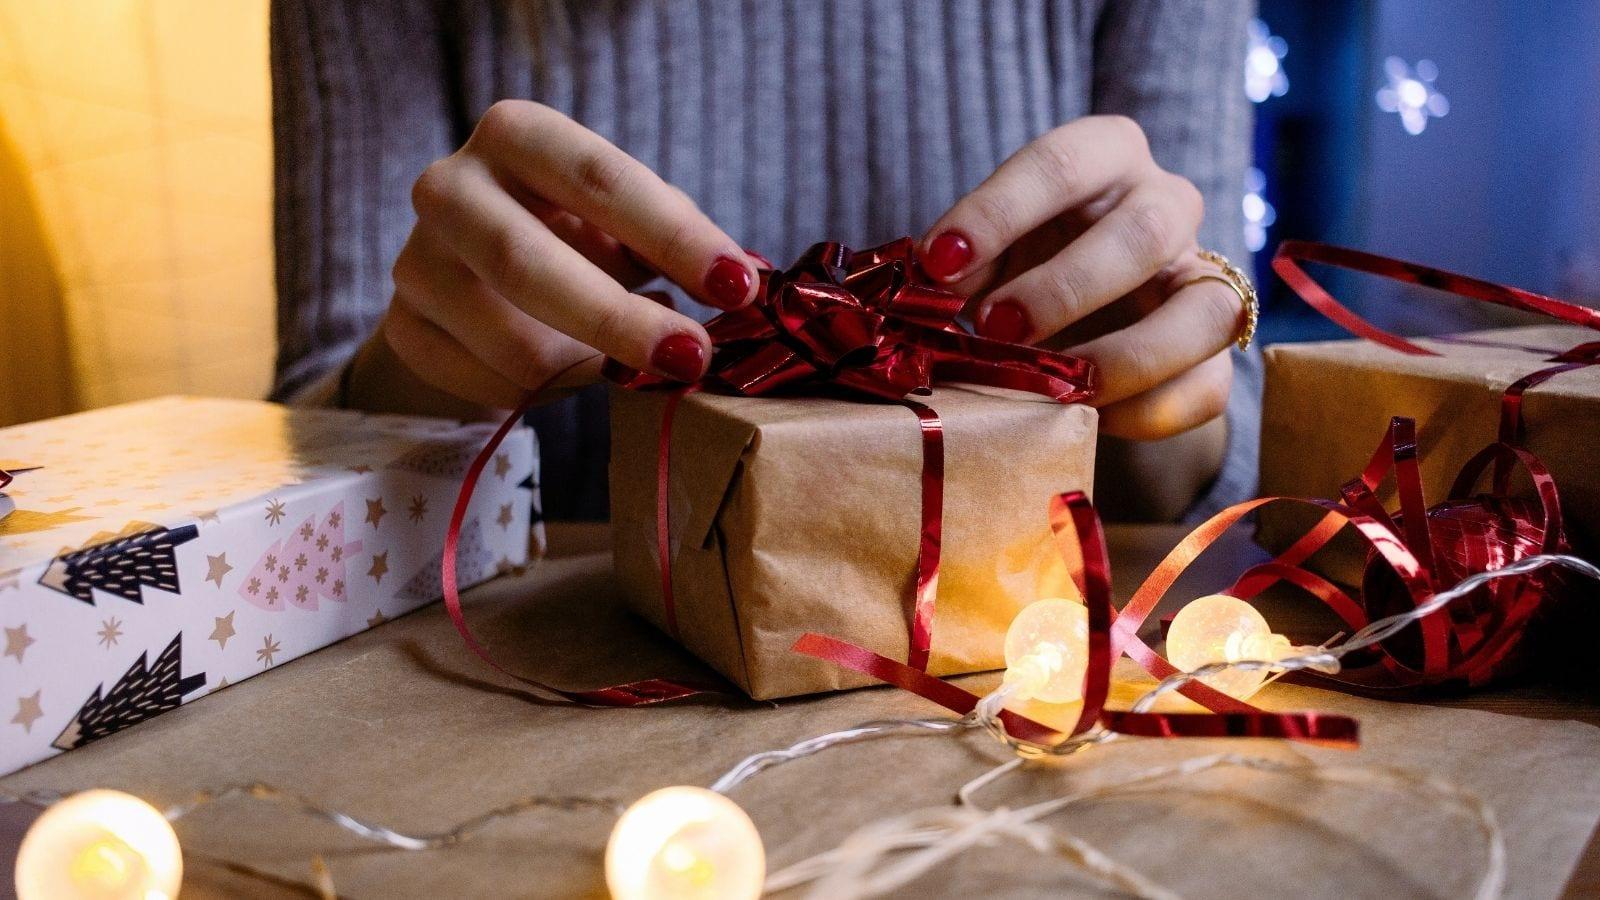 mediarun christmas gift COVID-19 Świąteczne wydatki Polaków [BADANIE]